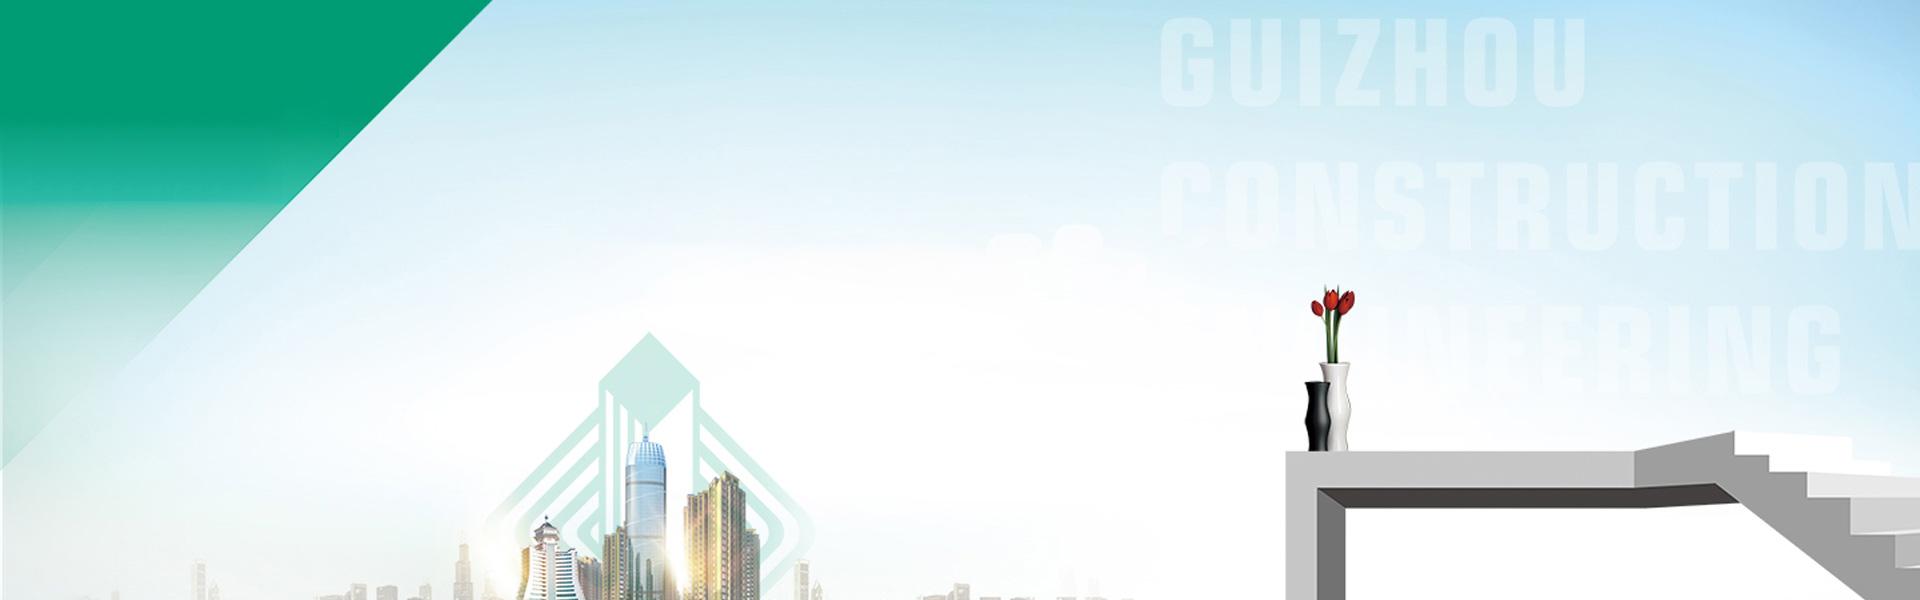 建筑-创造幸福空间